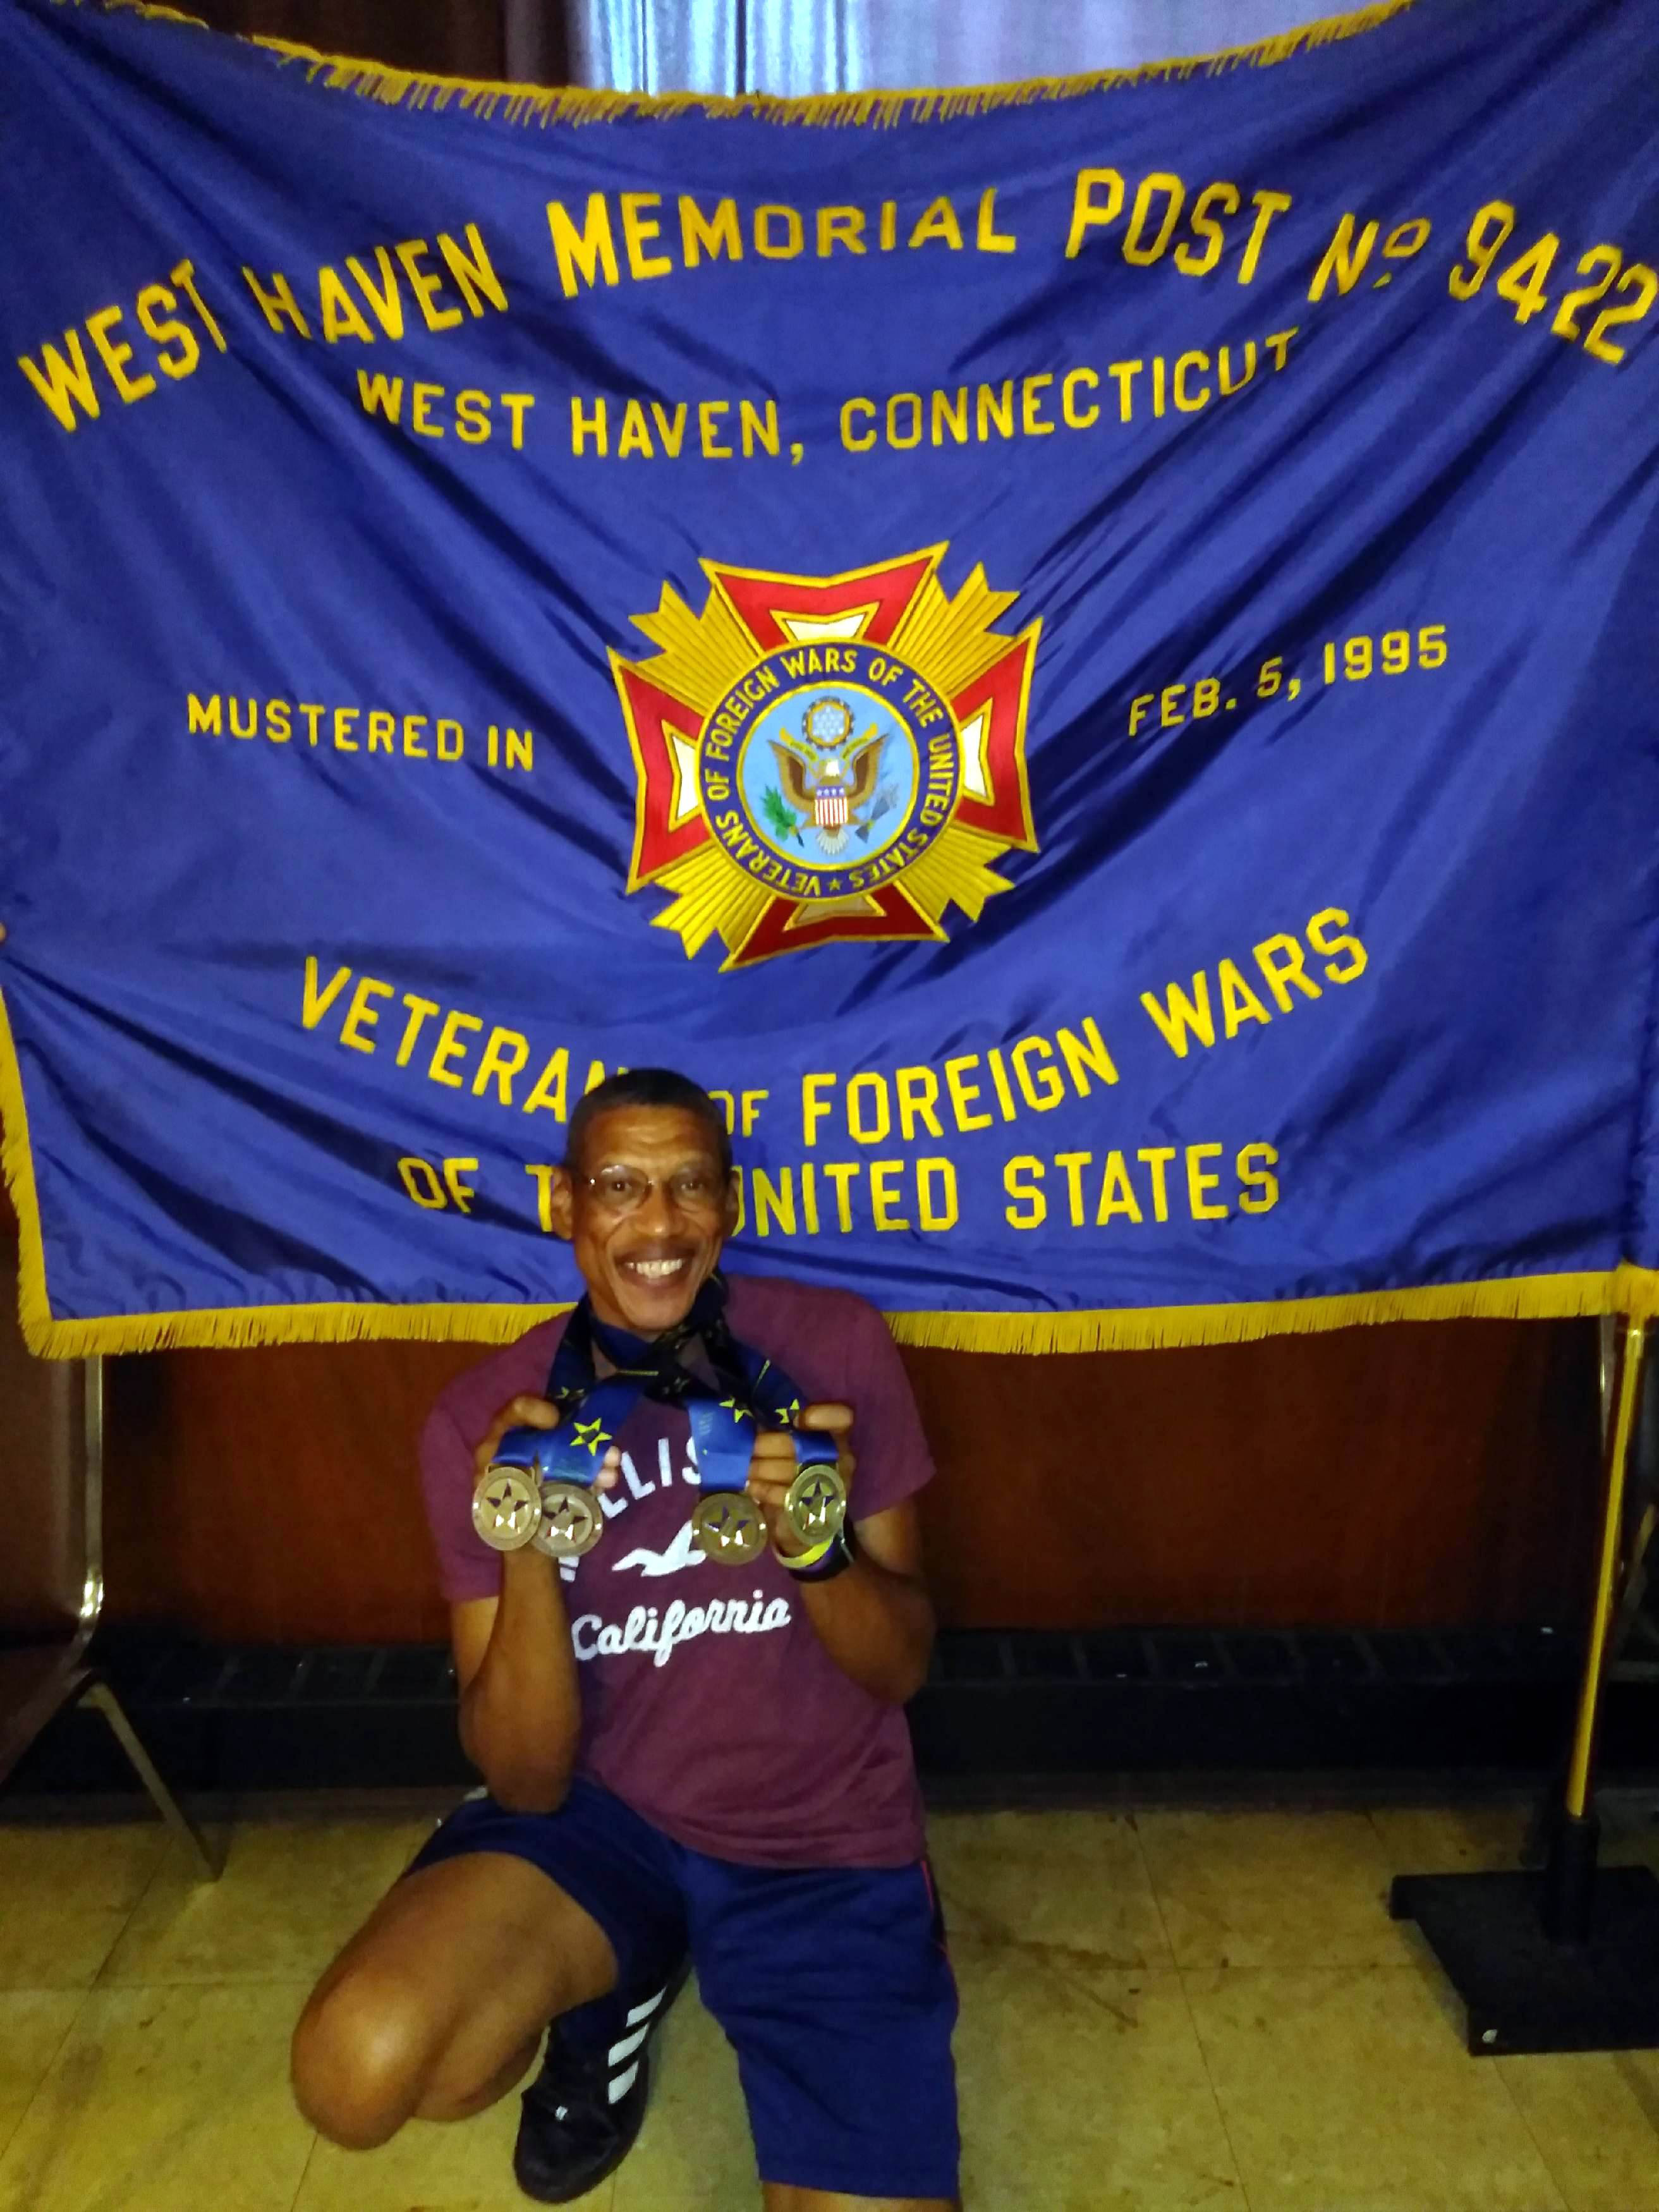 VFW member golden